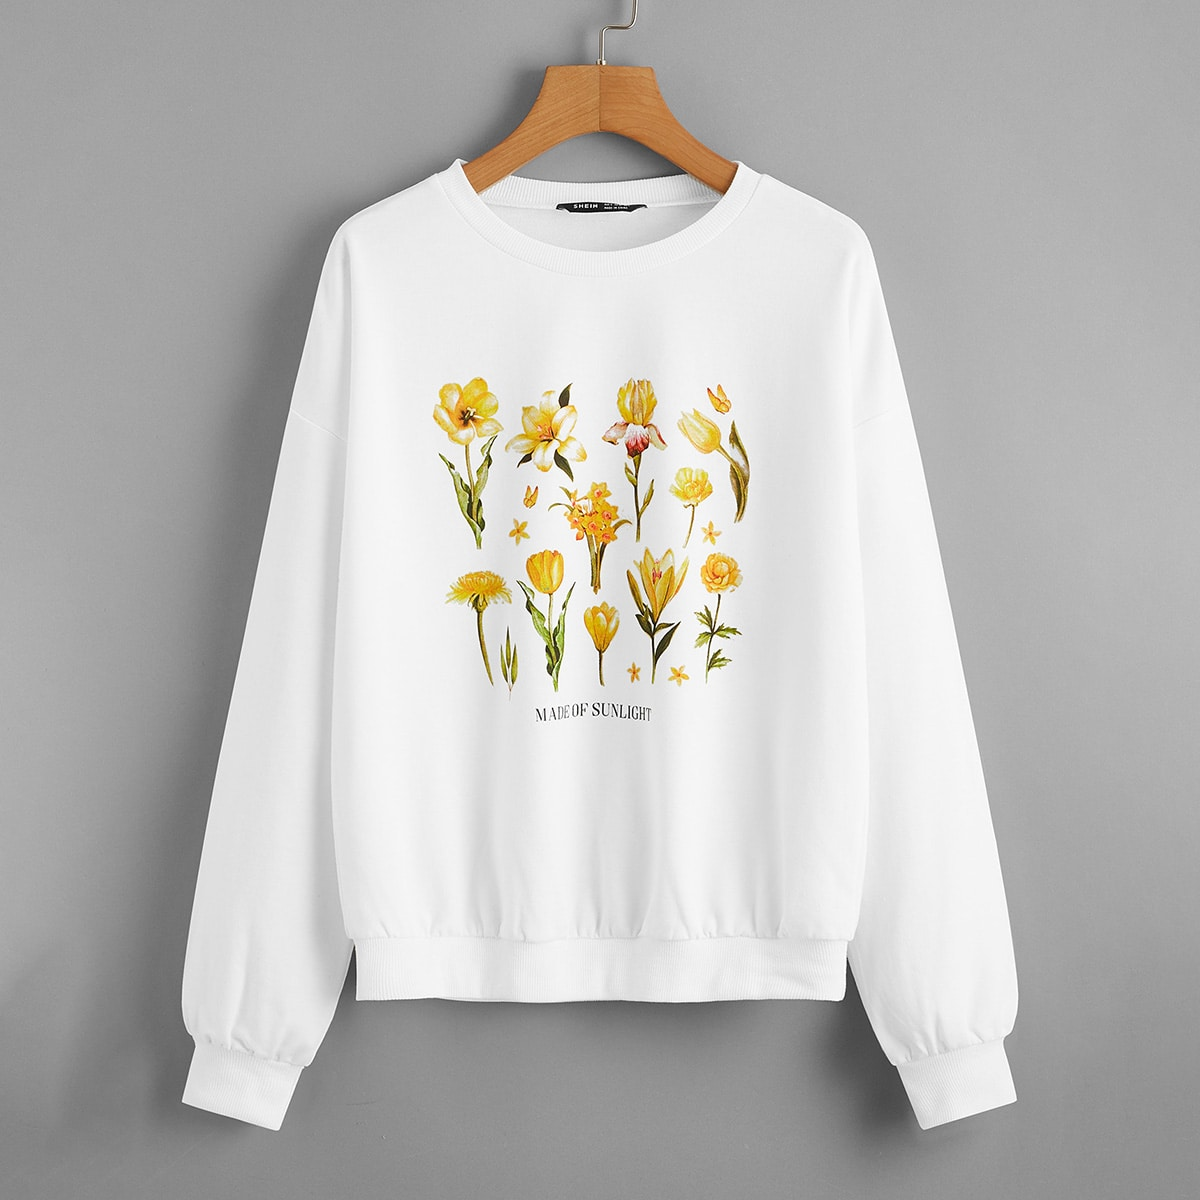 Пуловер с текстовым и цветочным принтом